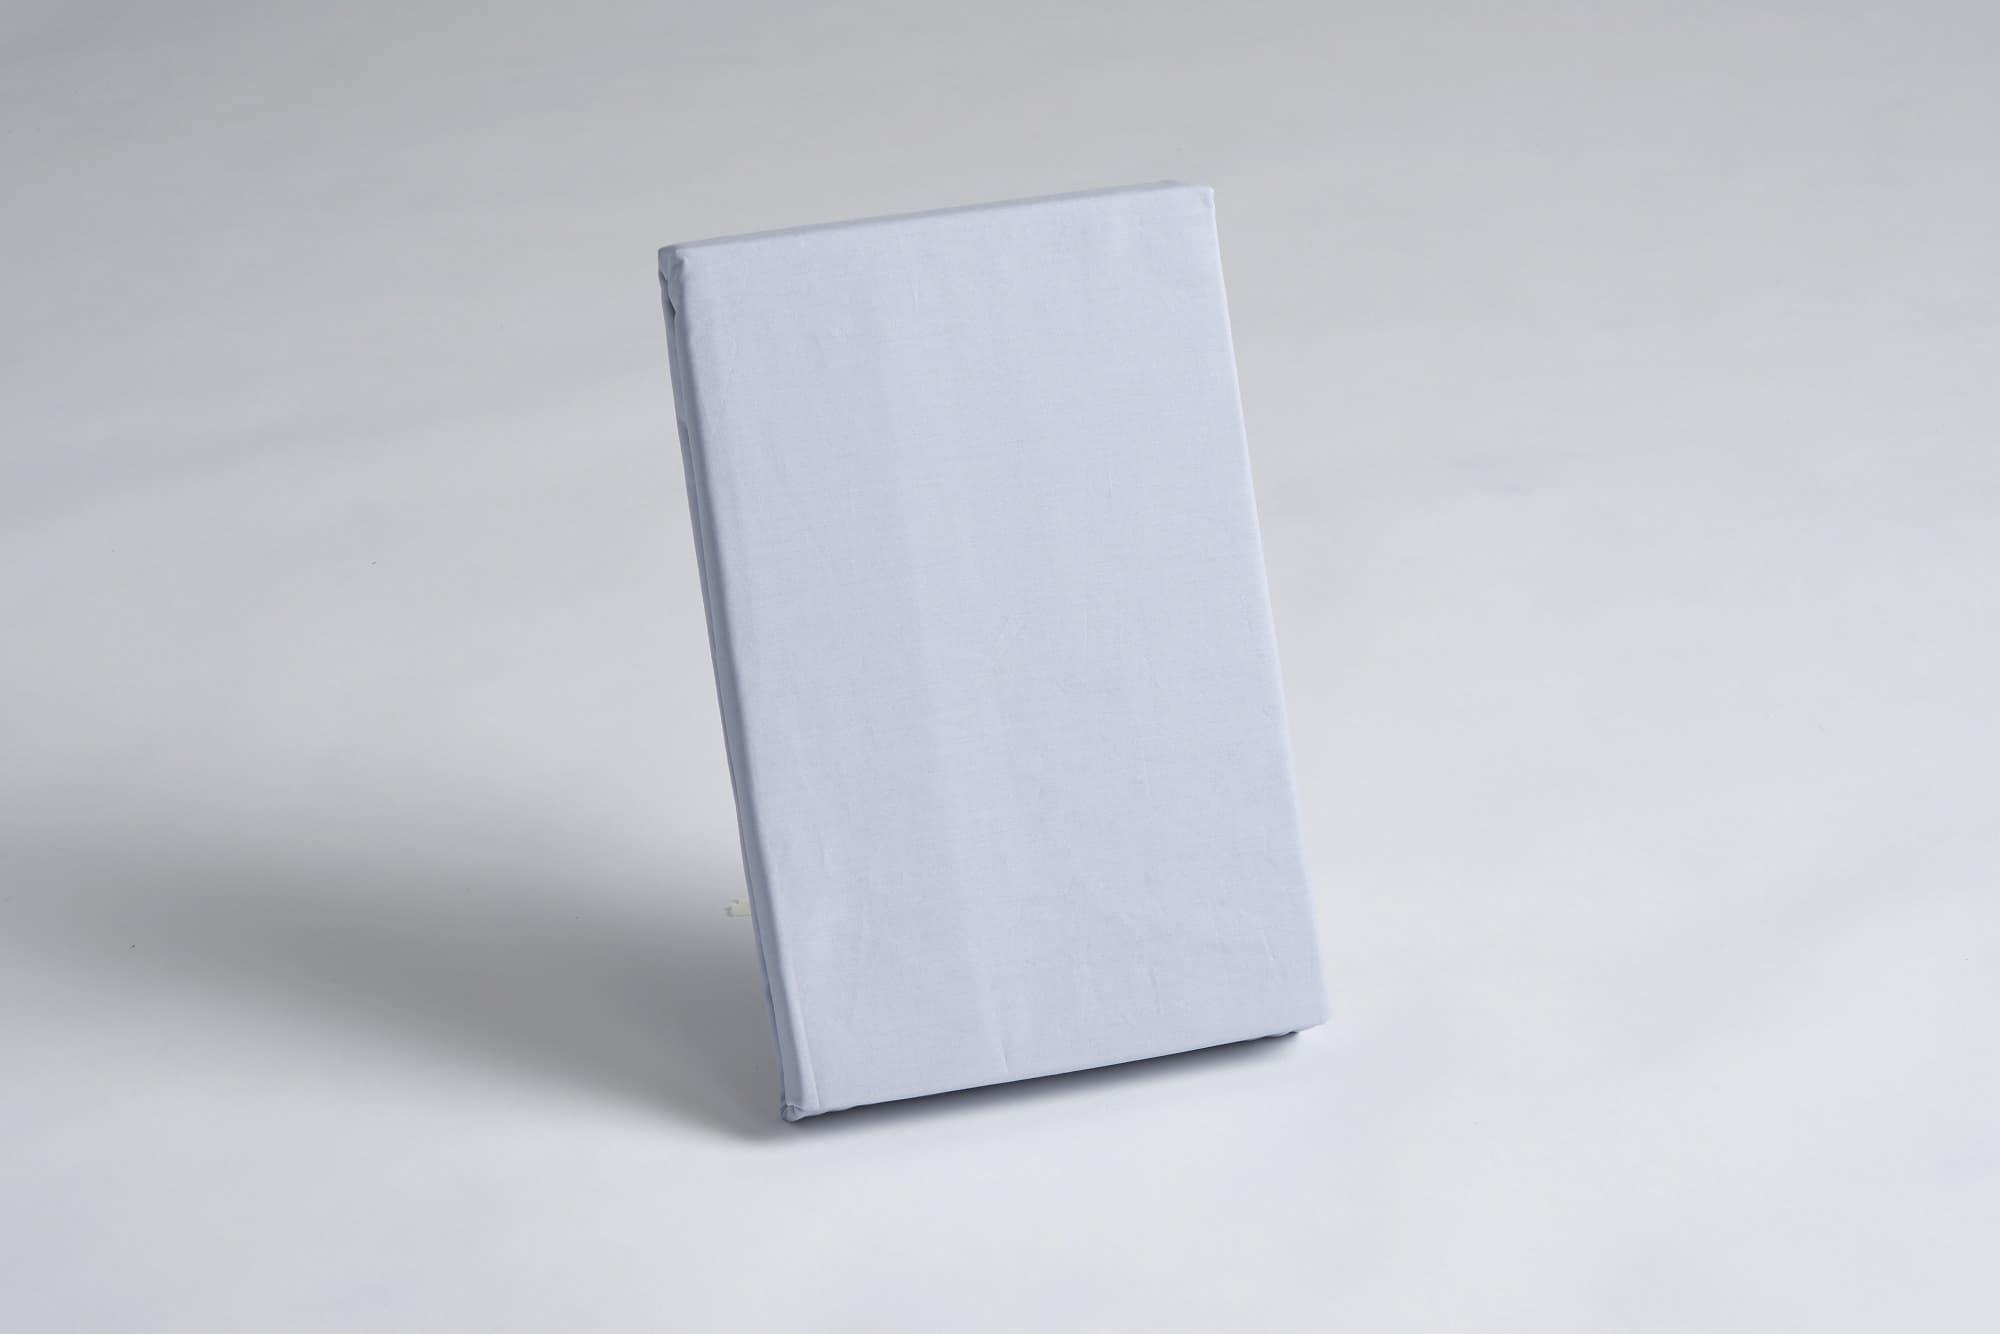 ボックスシーツ ダブル用 45H ブルー:《綿100%を使用したボックスシーツ》